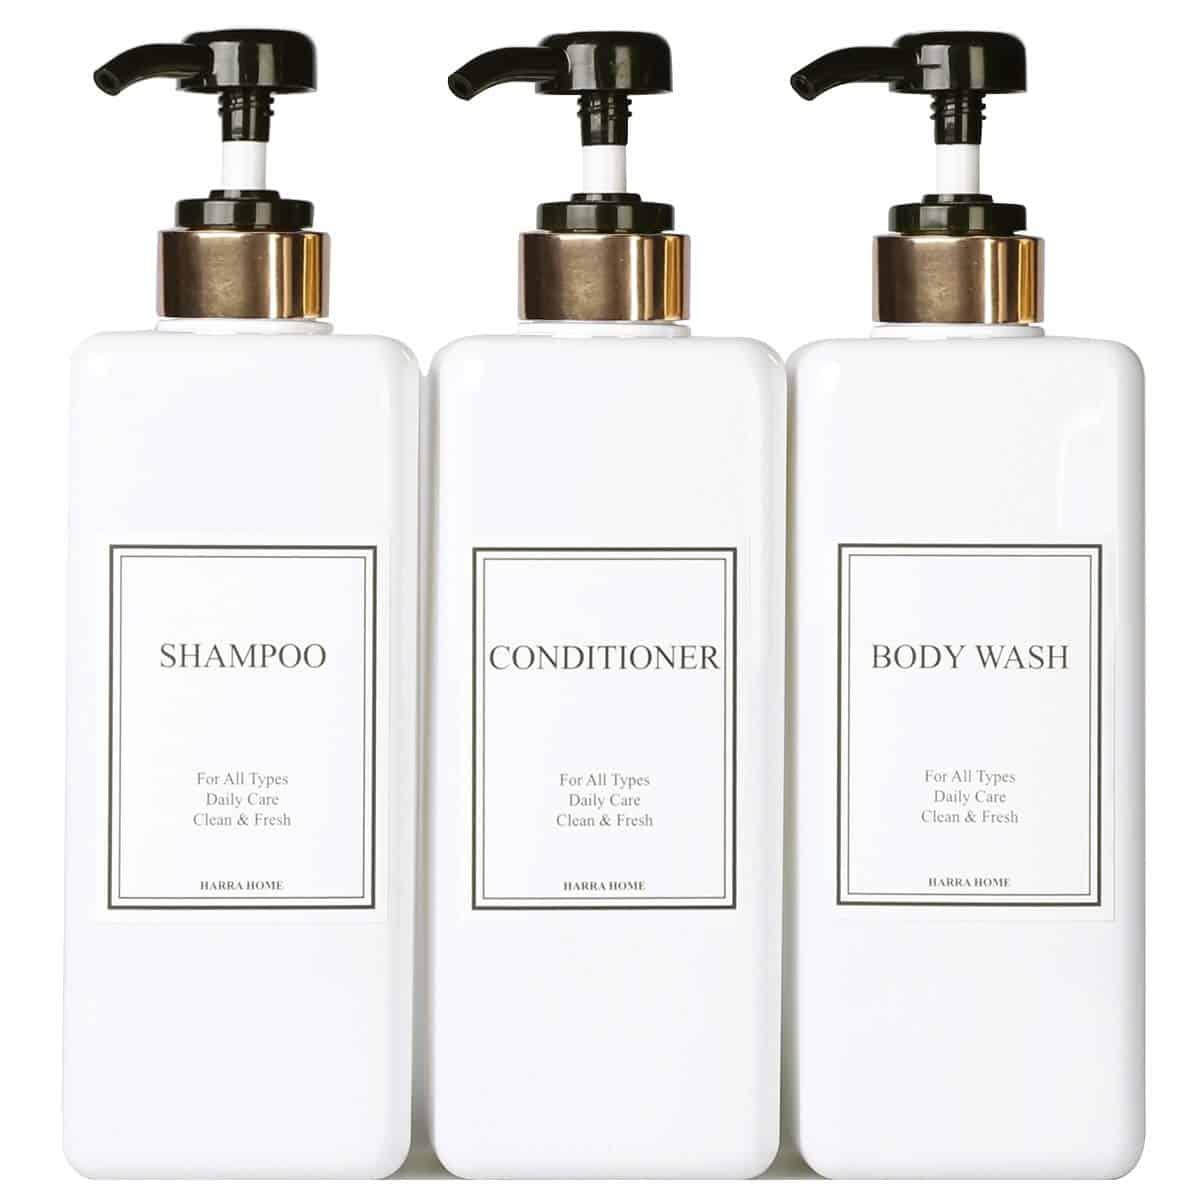 Harra Home Shampoo Dispenser